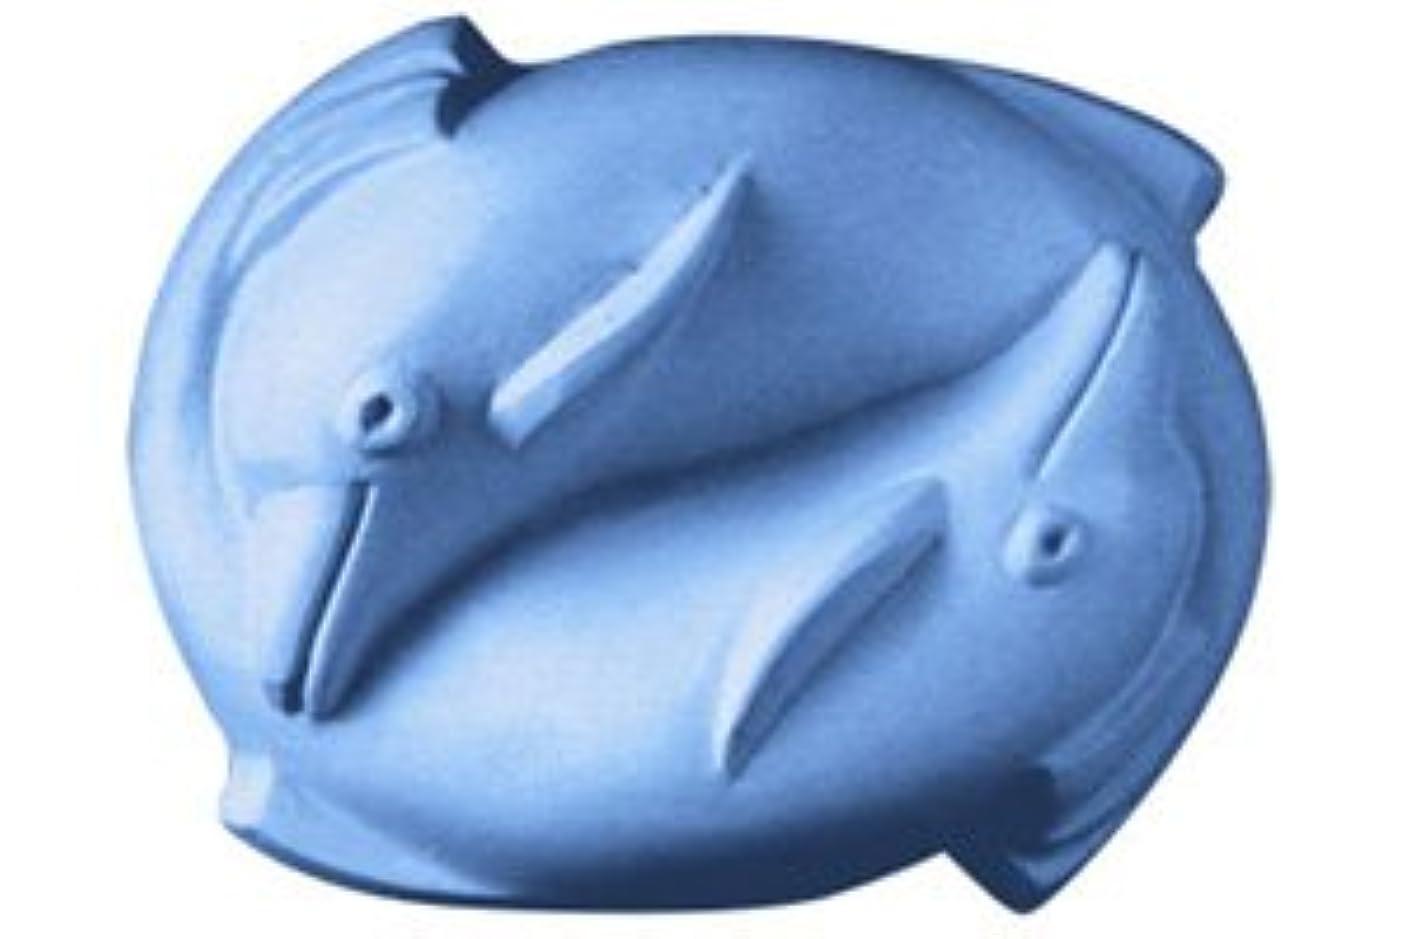 指定抑制する入場料ミルキーウェイ イルカ 【ソープモールド/石鹸型/シートモールド】